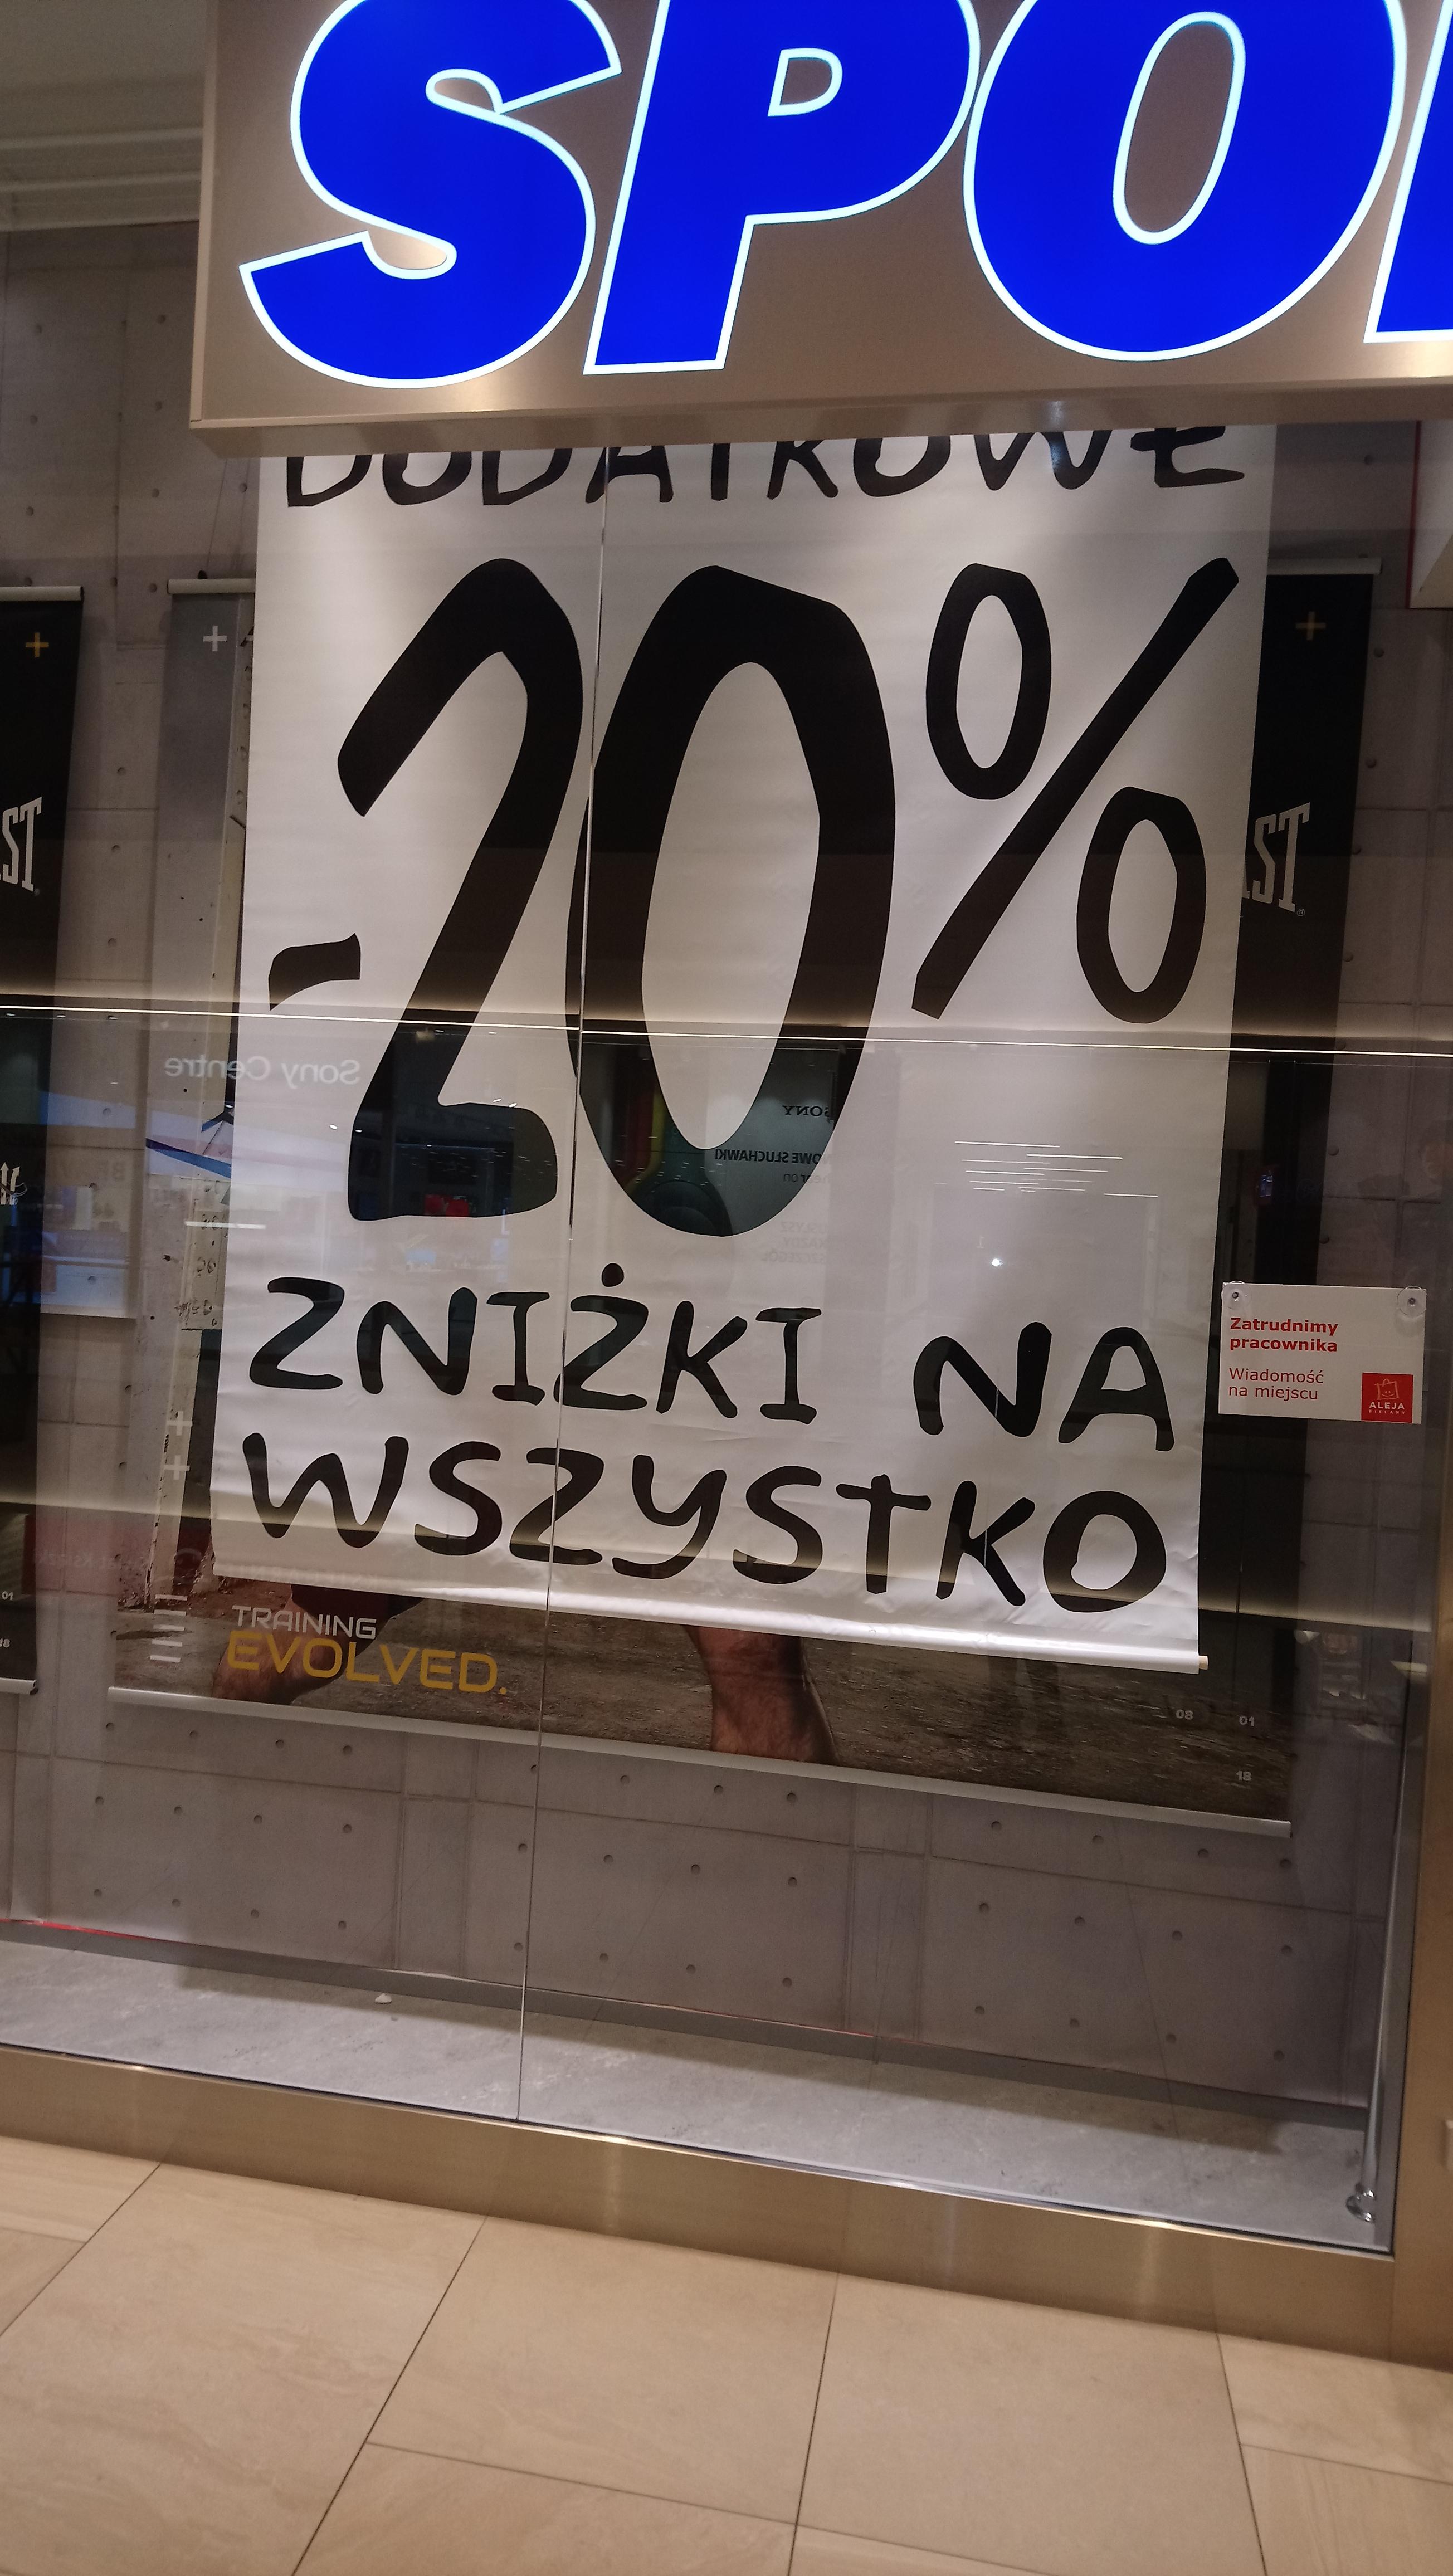 Dodatkowe 20%zniżki na wszystko w Sport Direct Wroclaw-Bielany